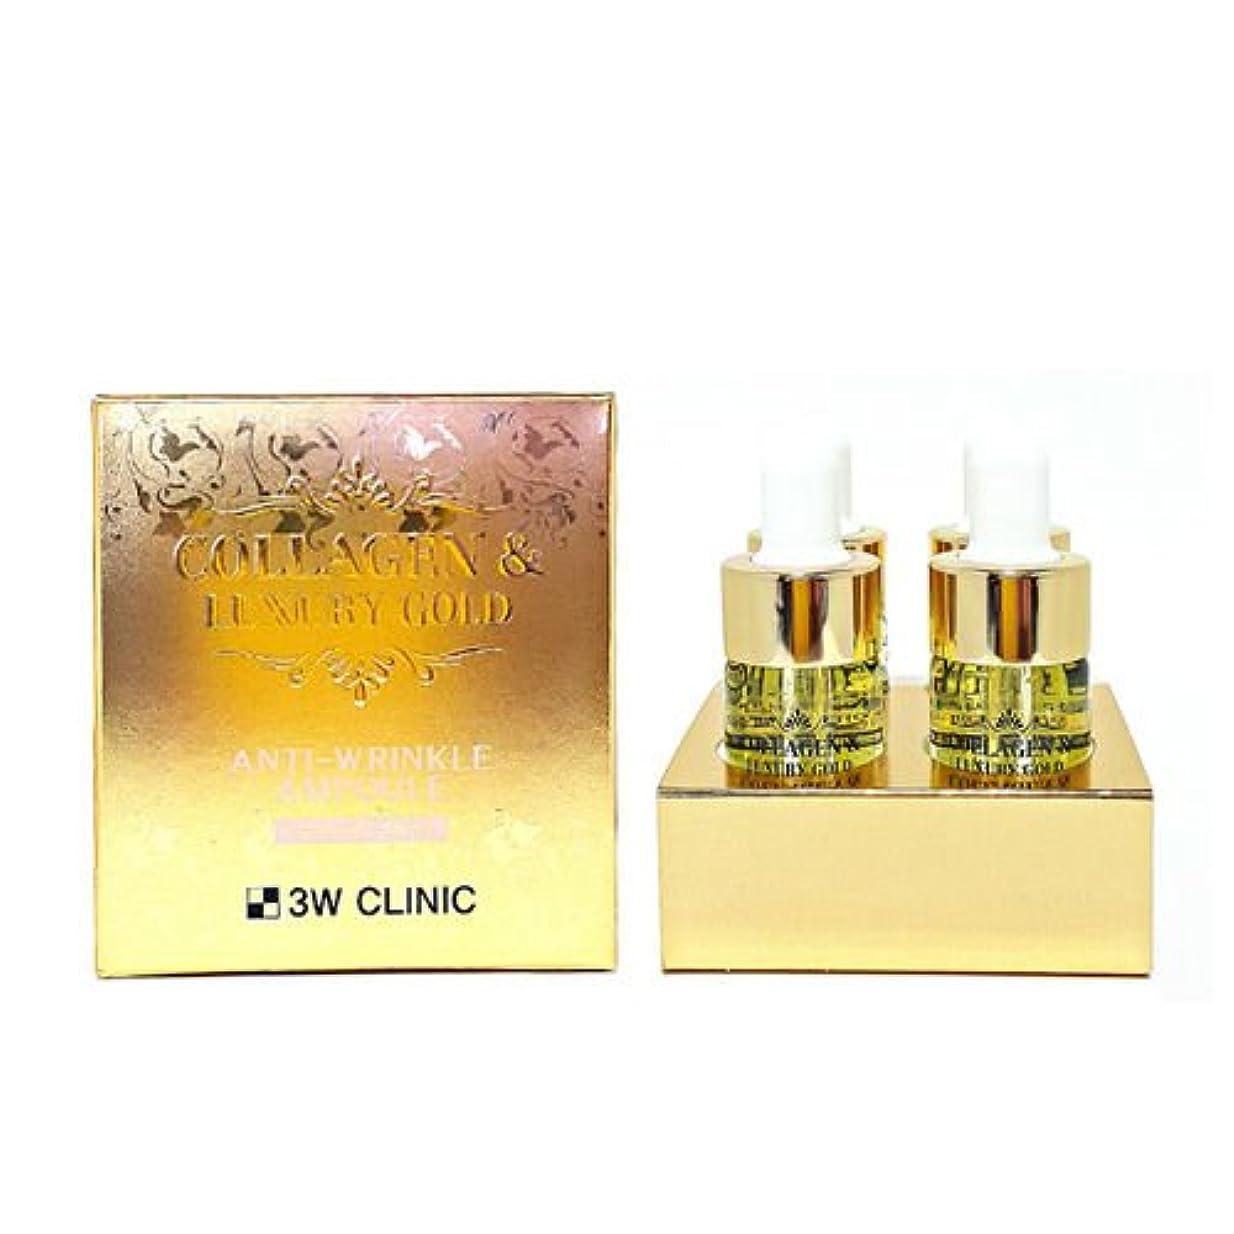 製品ロゴ職業3Wクリニック[韓国コスメ3w Clinic]Collagen & Luxury Gold Anti-Wrinkle Ampoule コラーゲンラグジュアリーゴールド アンチリンクルアンプル13mlX4個[並行輸入品]